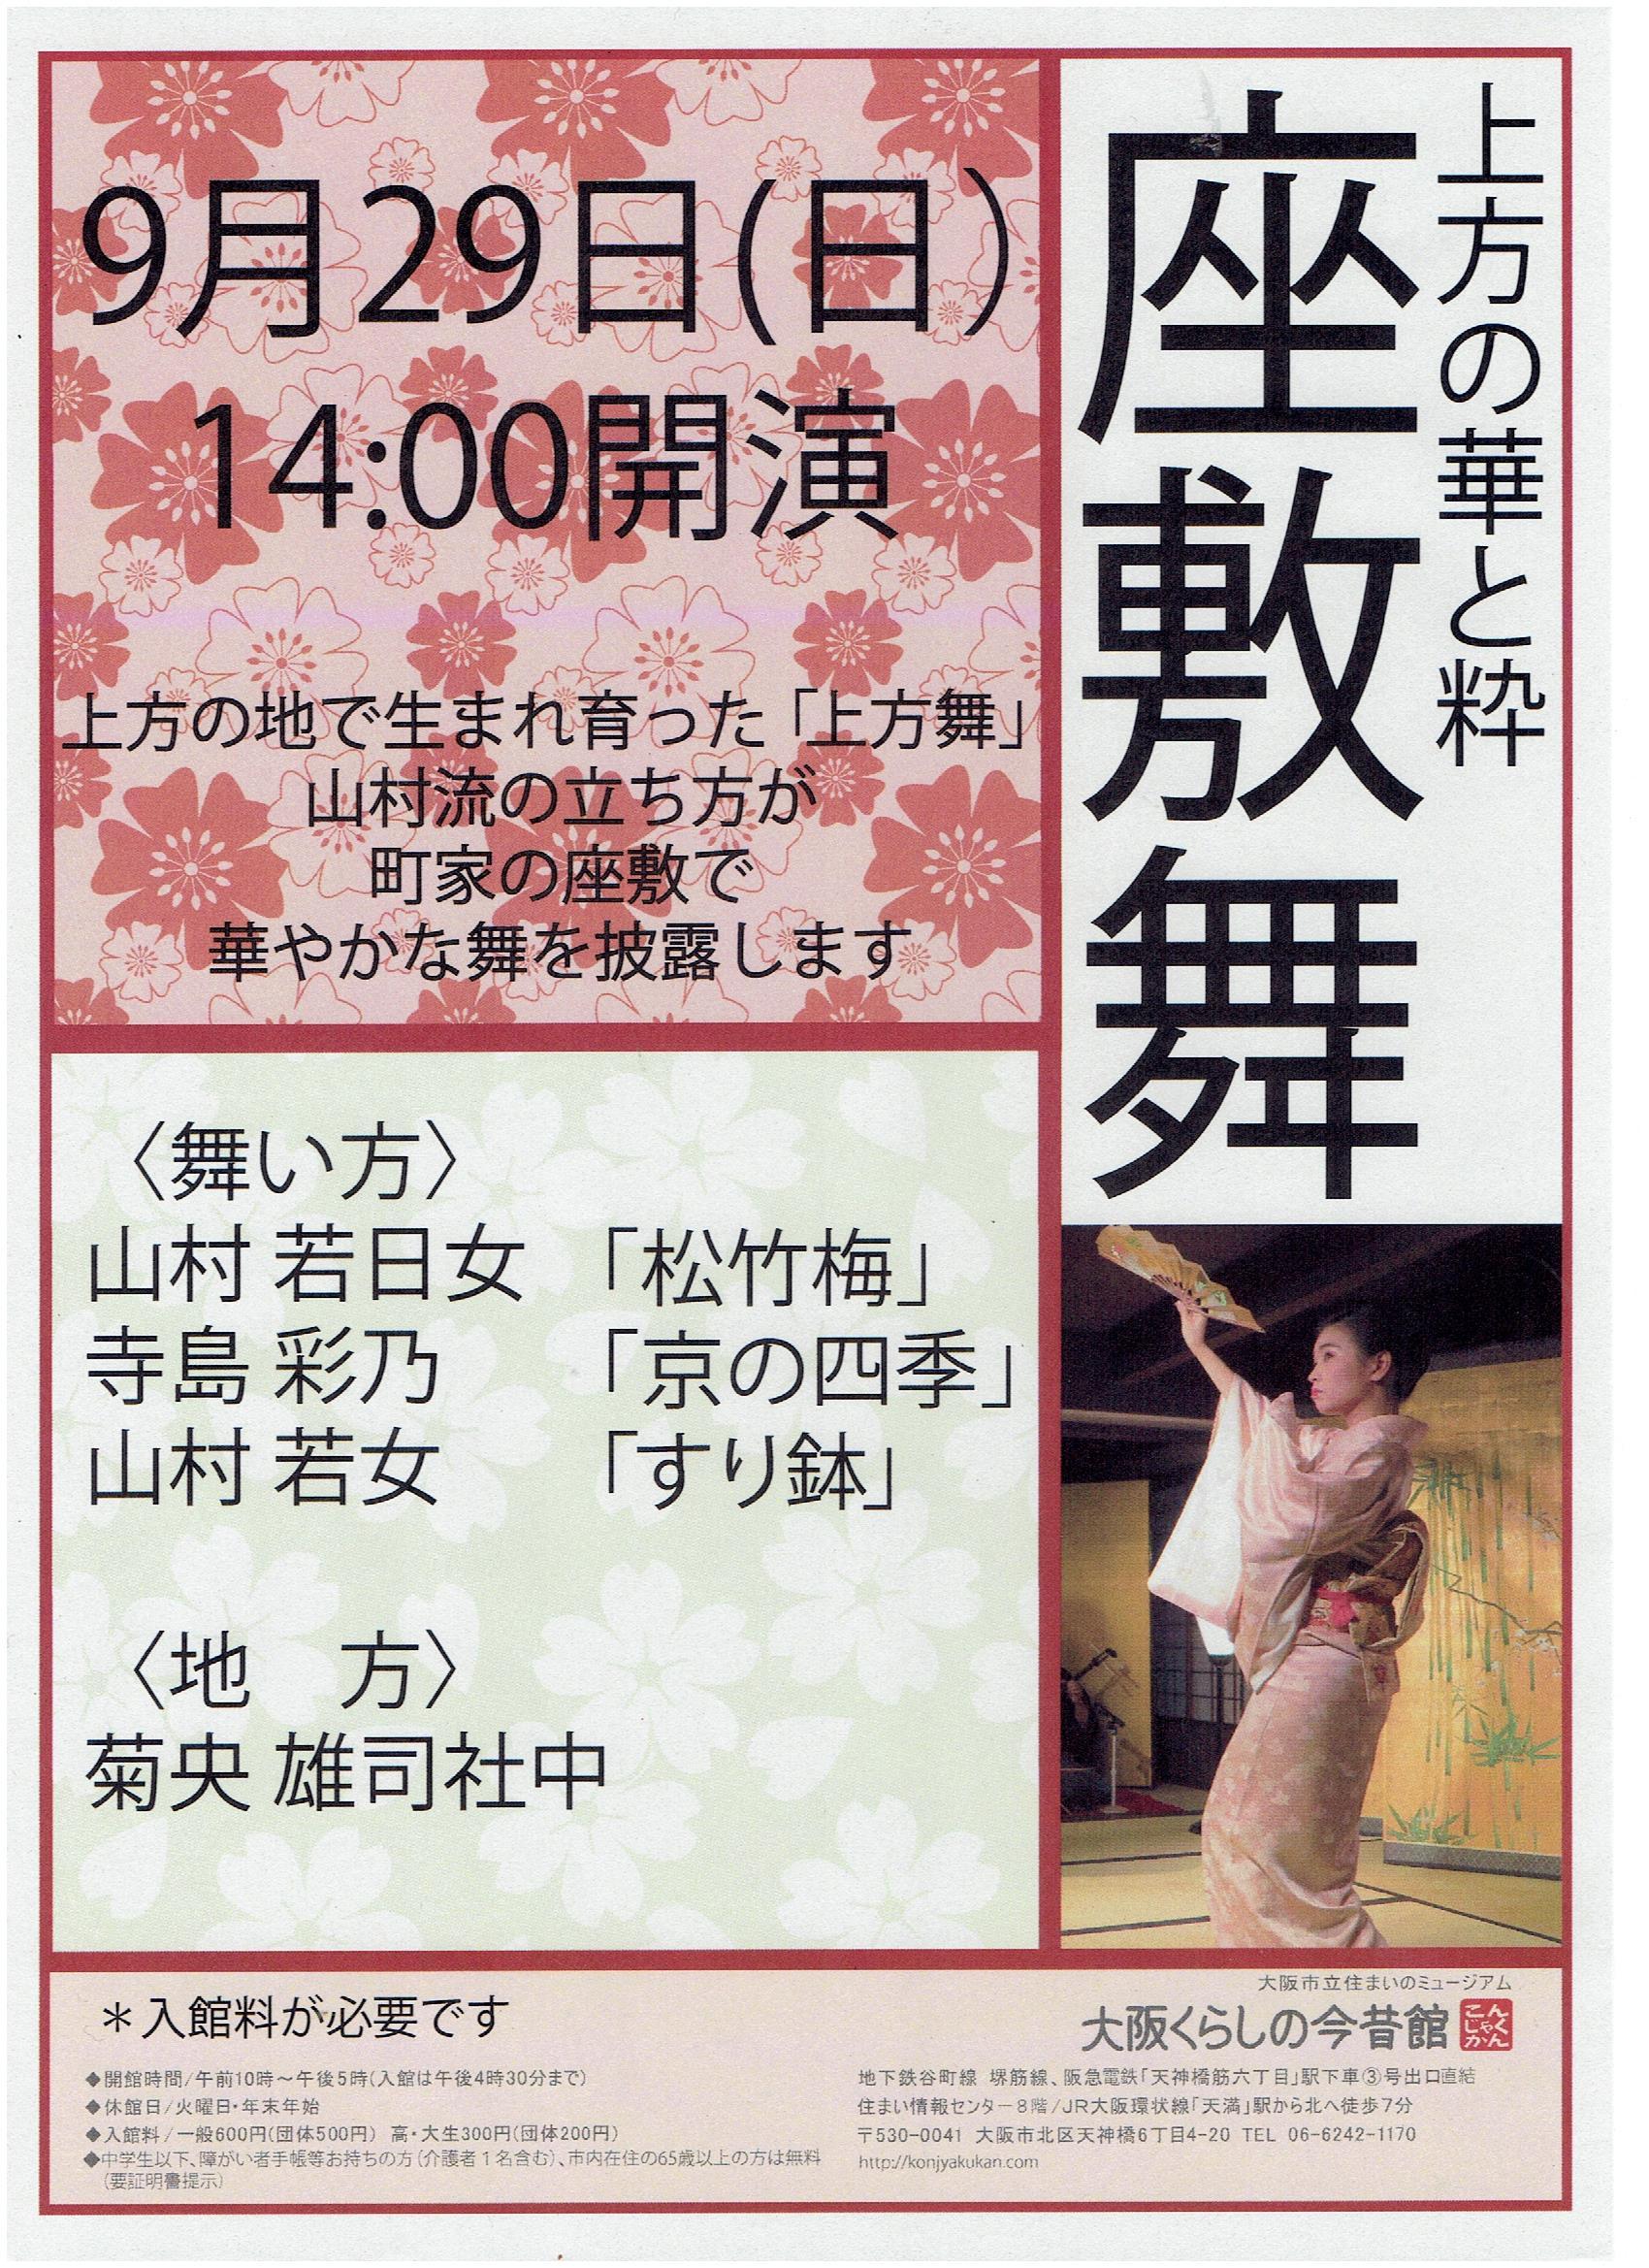 大阪くらしの今昔館-上方の華と粋- 座敷舞 初秋公演 9/29